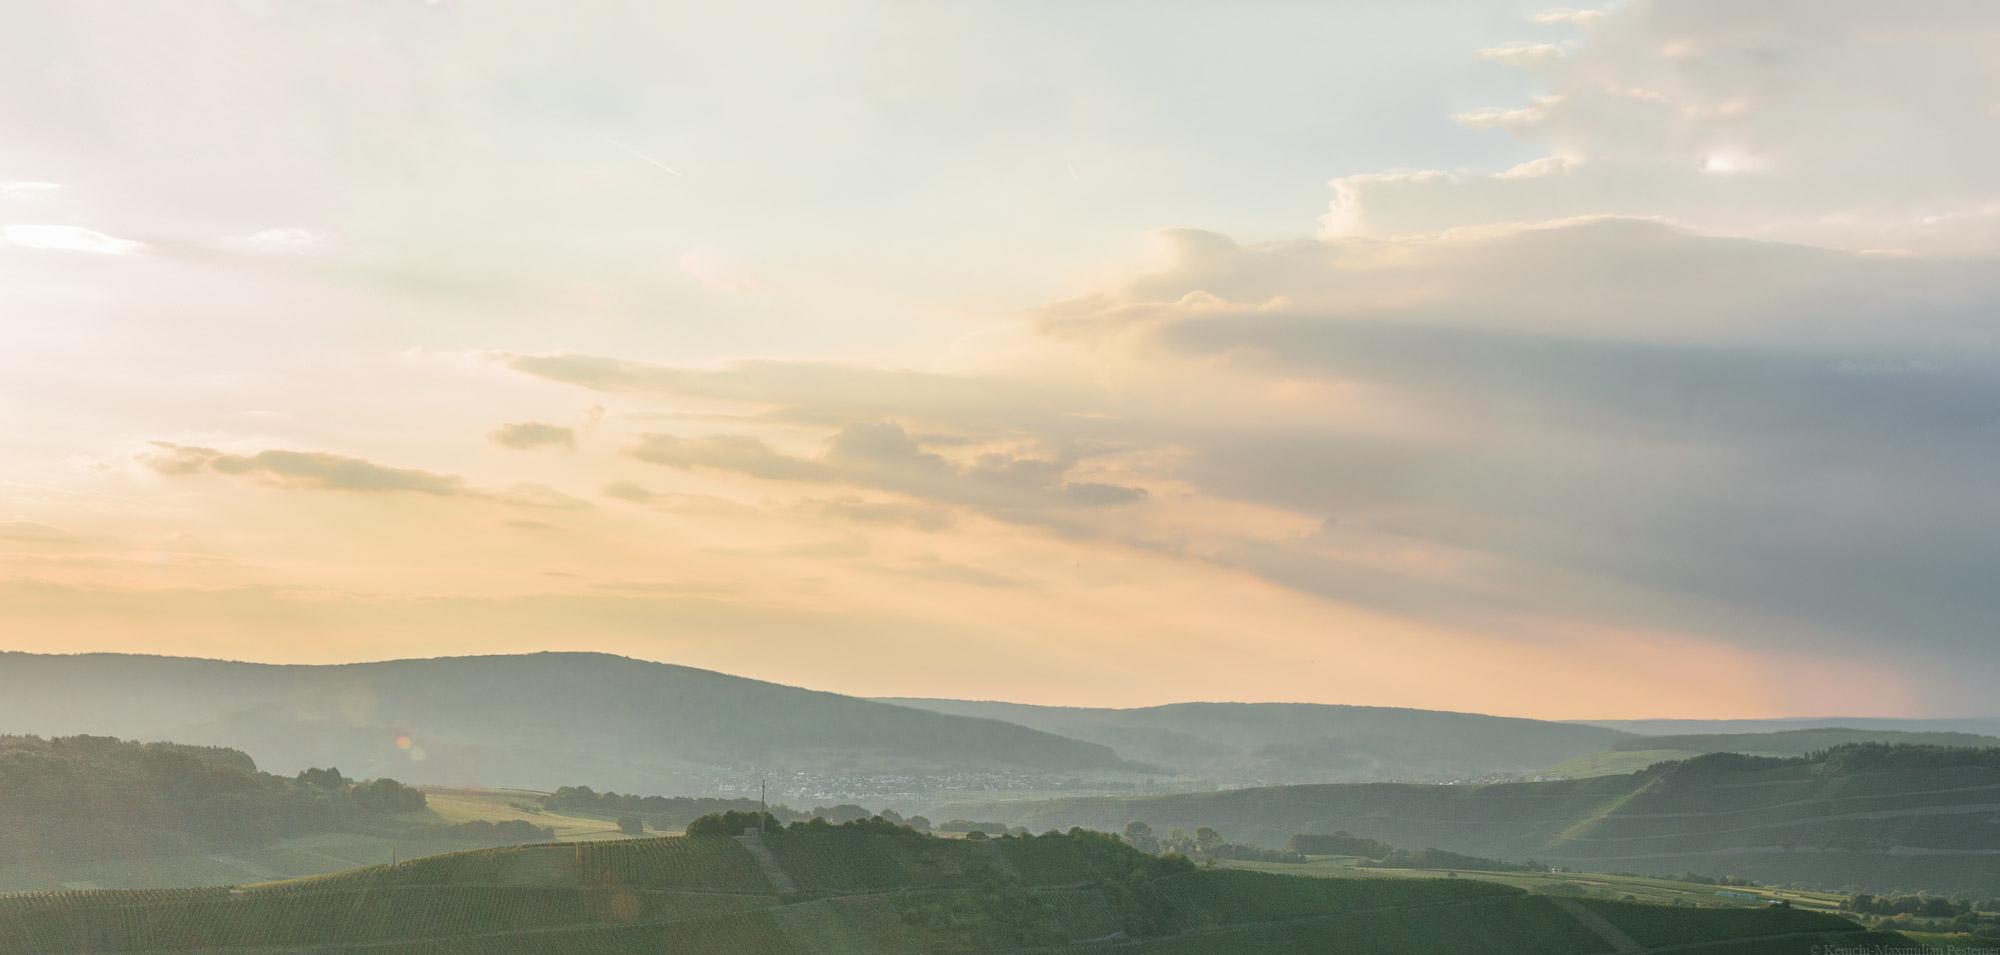 Auf dem Bild erkennt man die Weinberge des Moseltals beim Sonnenuntergang. Am Himmel ist Orange zusammen mit blau-grauen Wolken erkennbar. Es symbolisiert die Welt des Weins. Das ist das Titelbild des Universum Vinums,